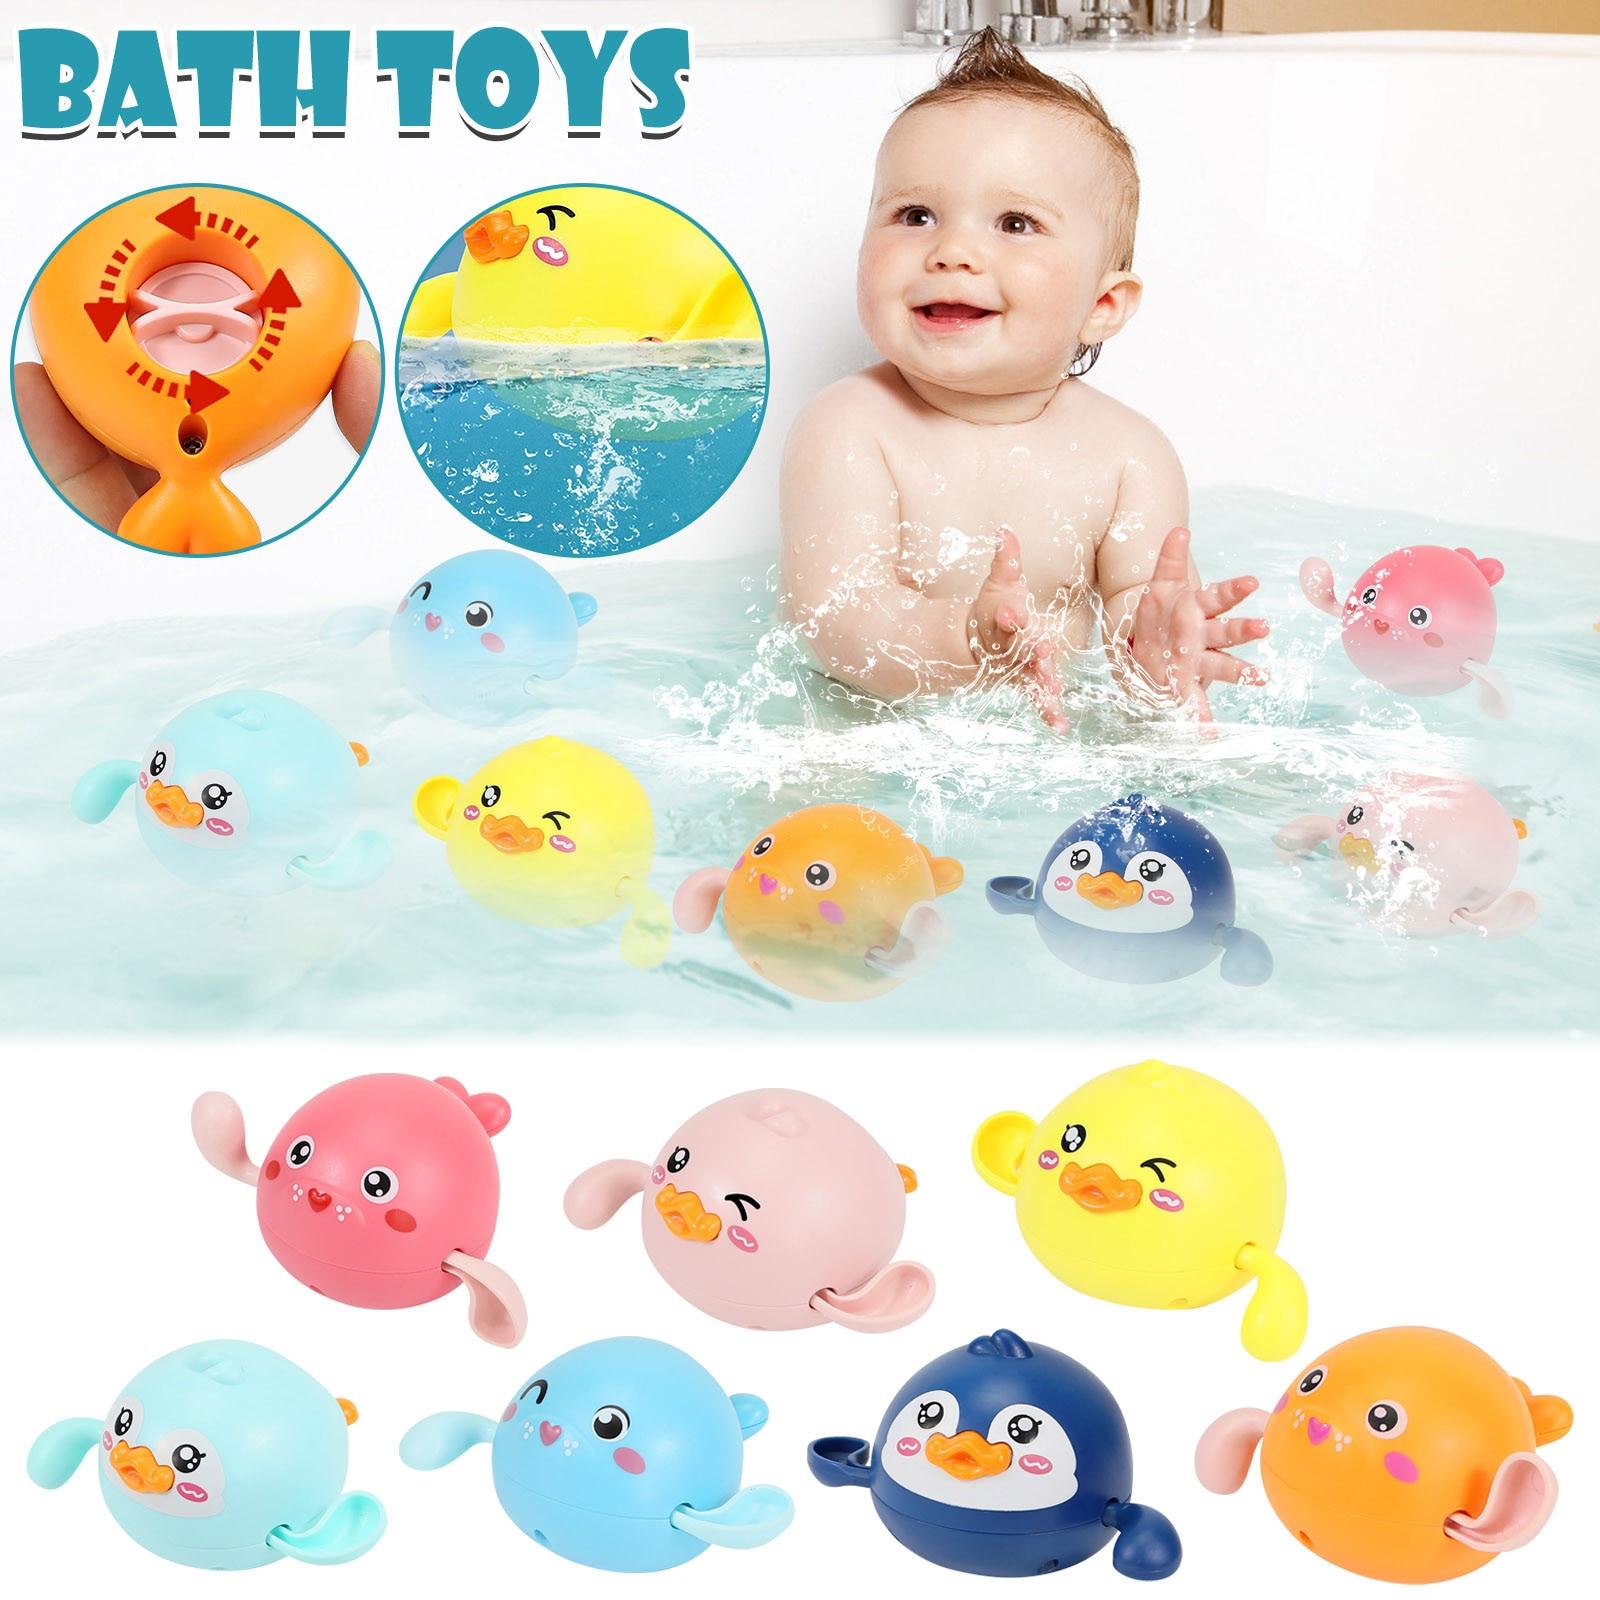 Детские игрушки для девочек и мальчиков, Детские Игрушки для ванны, плавание и падение, детские игрушки, детские подарки, быстрая доставка